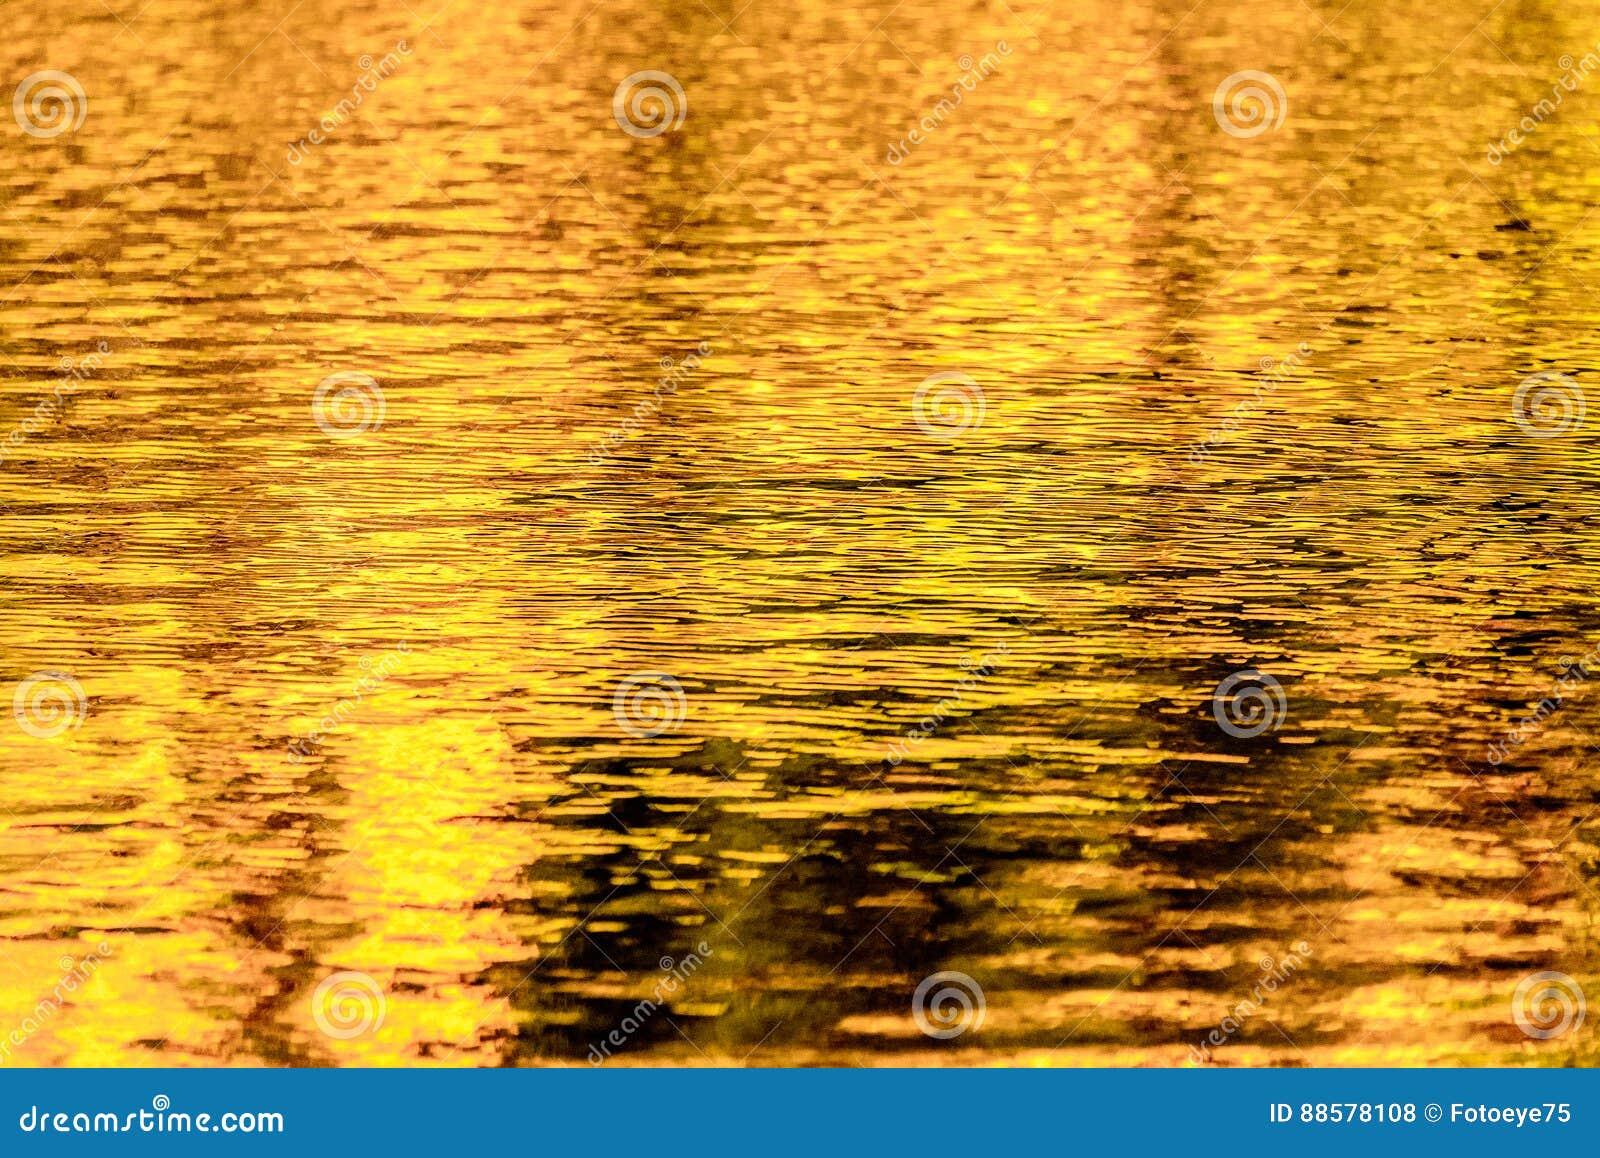 Goldherbst-Seereflexionen